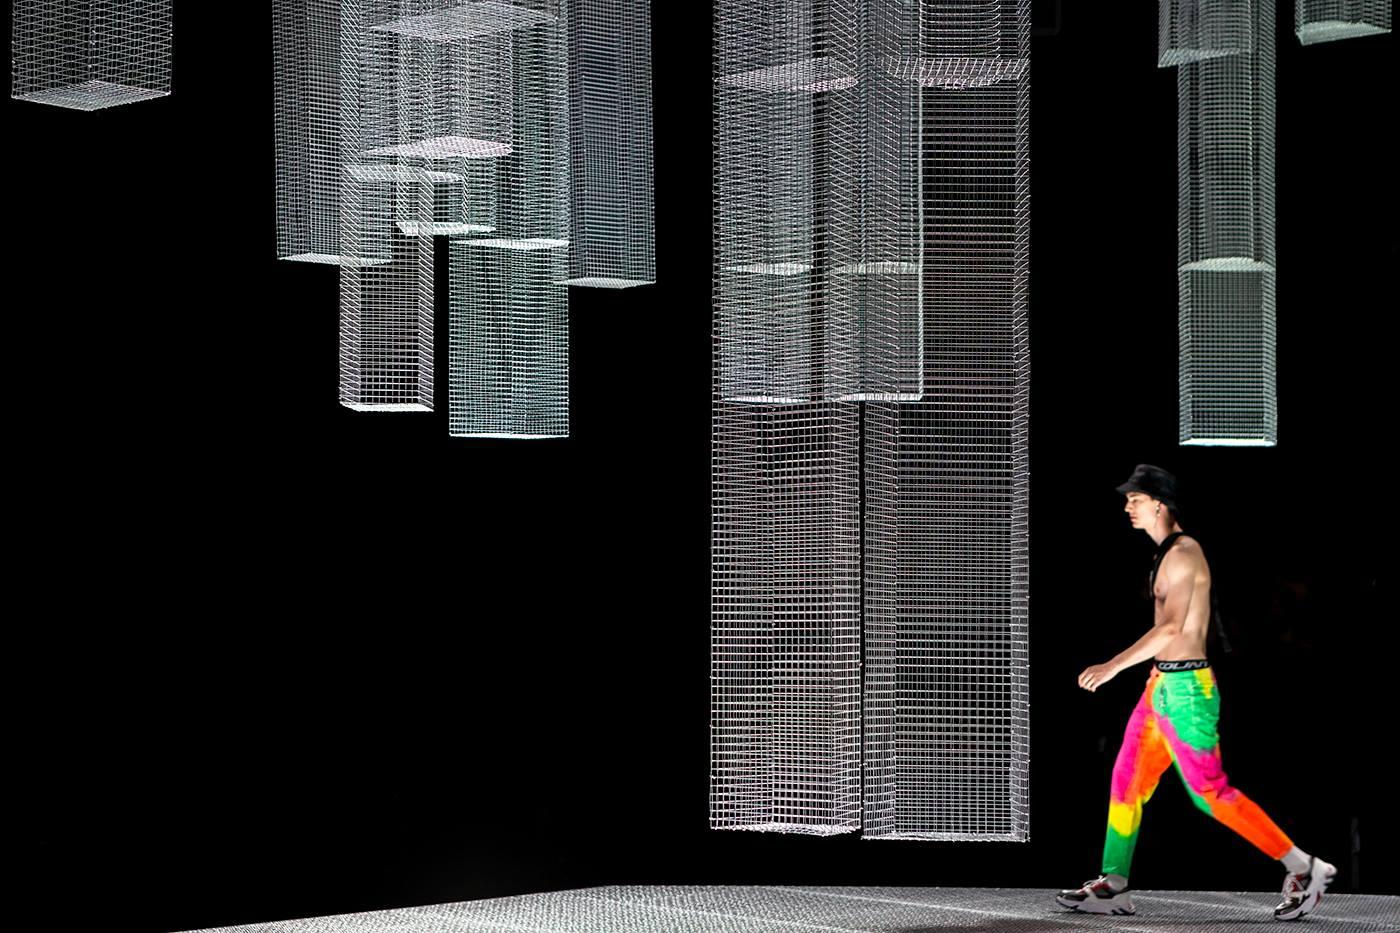 Le opere di Edoardo Tresoldi alla settimana della moda di Milano